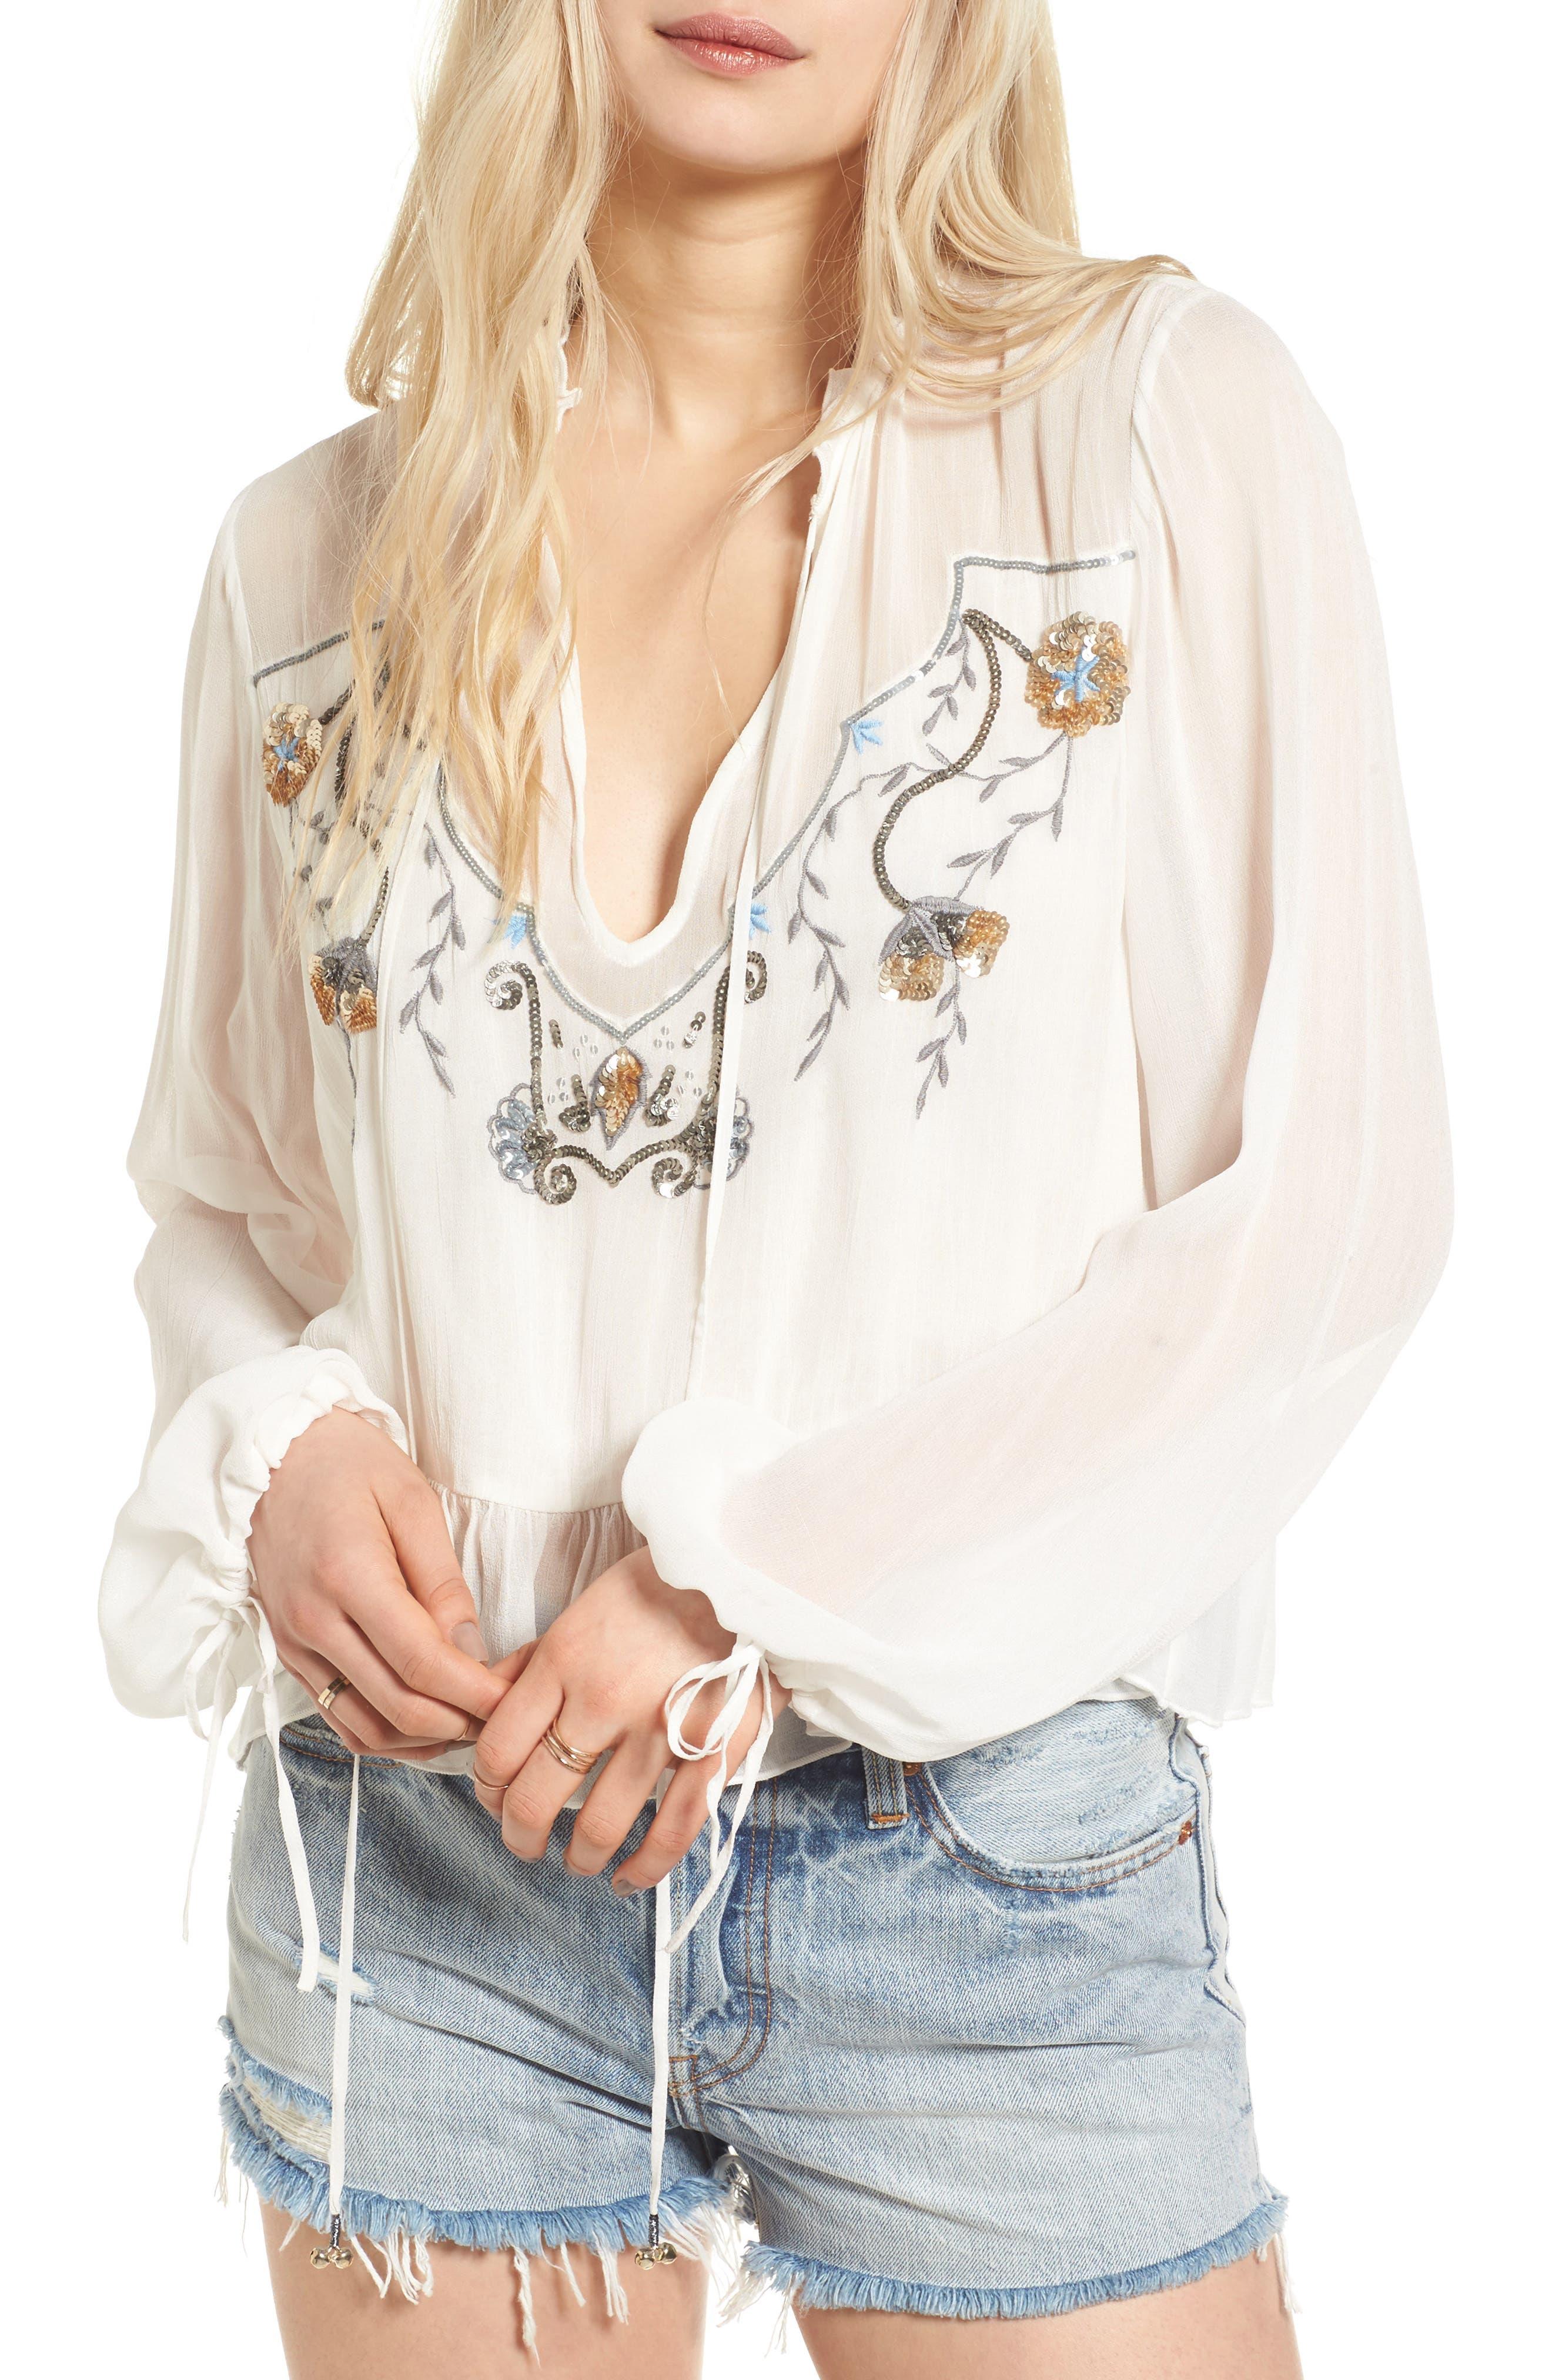 Main Image - Somedays Lovin Marigold Embellished Top